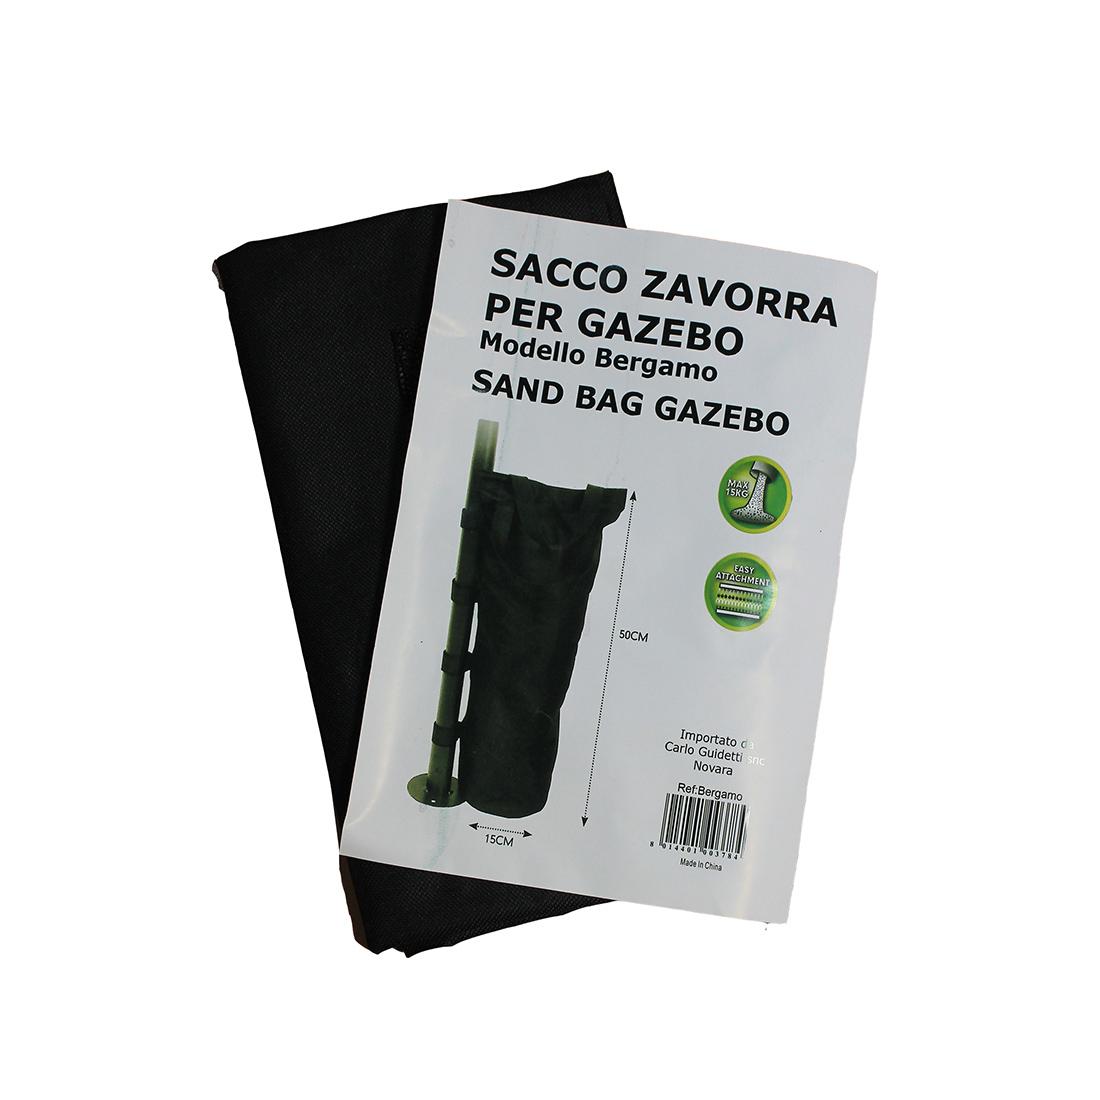 sacca-bergamo-2